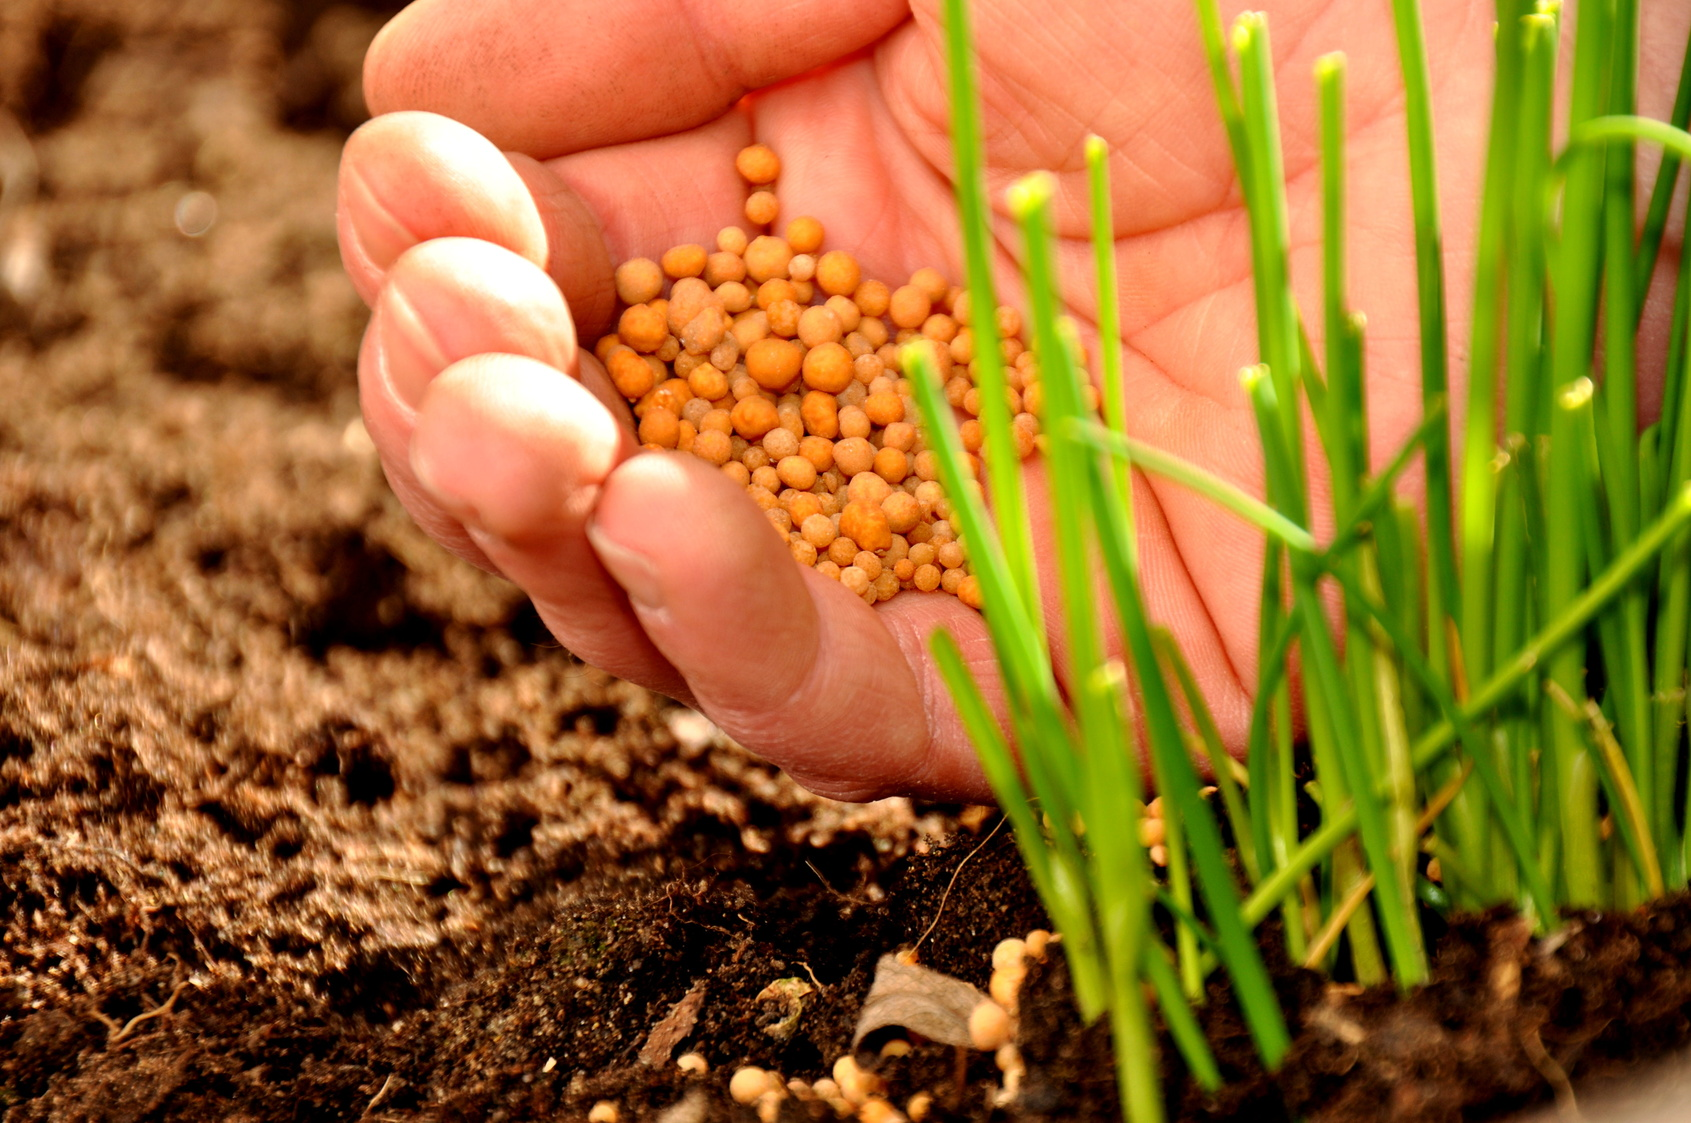 Hand schüttet Mineraldünger an die Pflanze